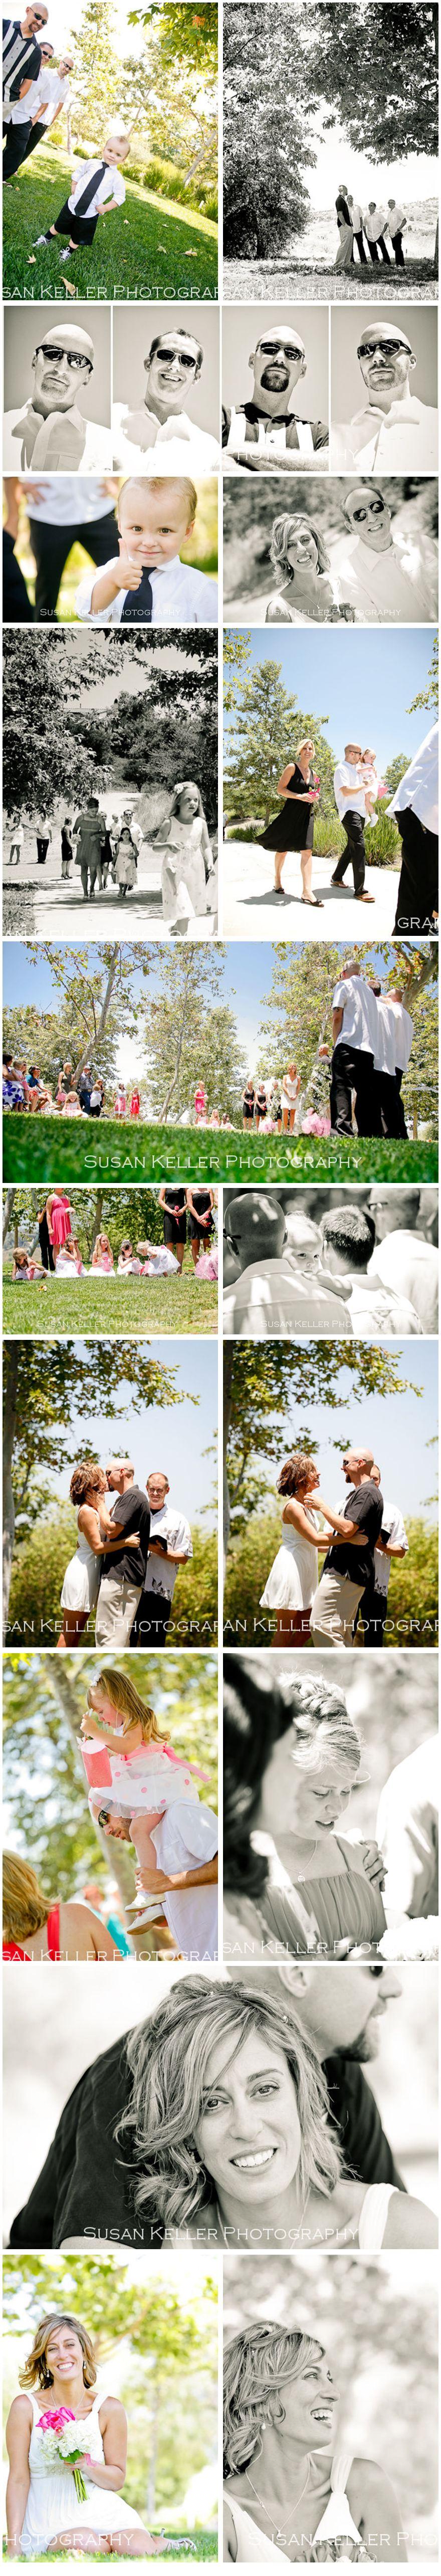 john linda wedding blog collage 1